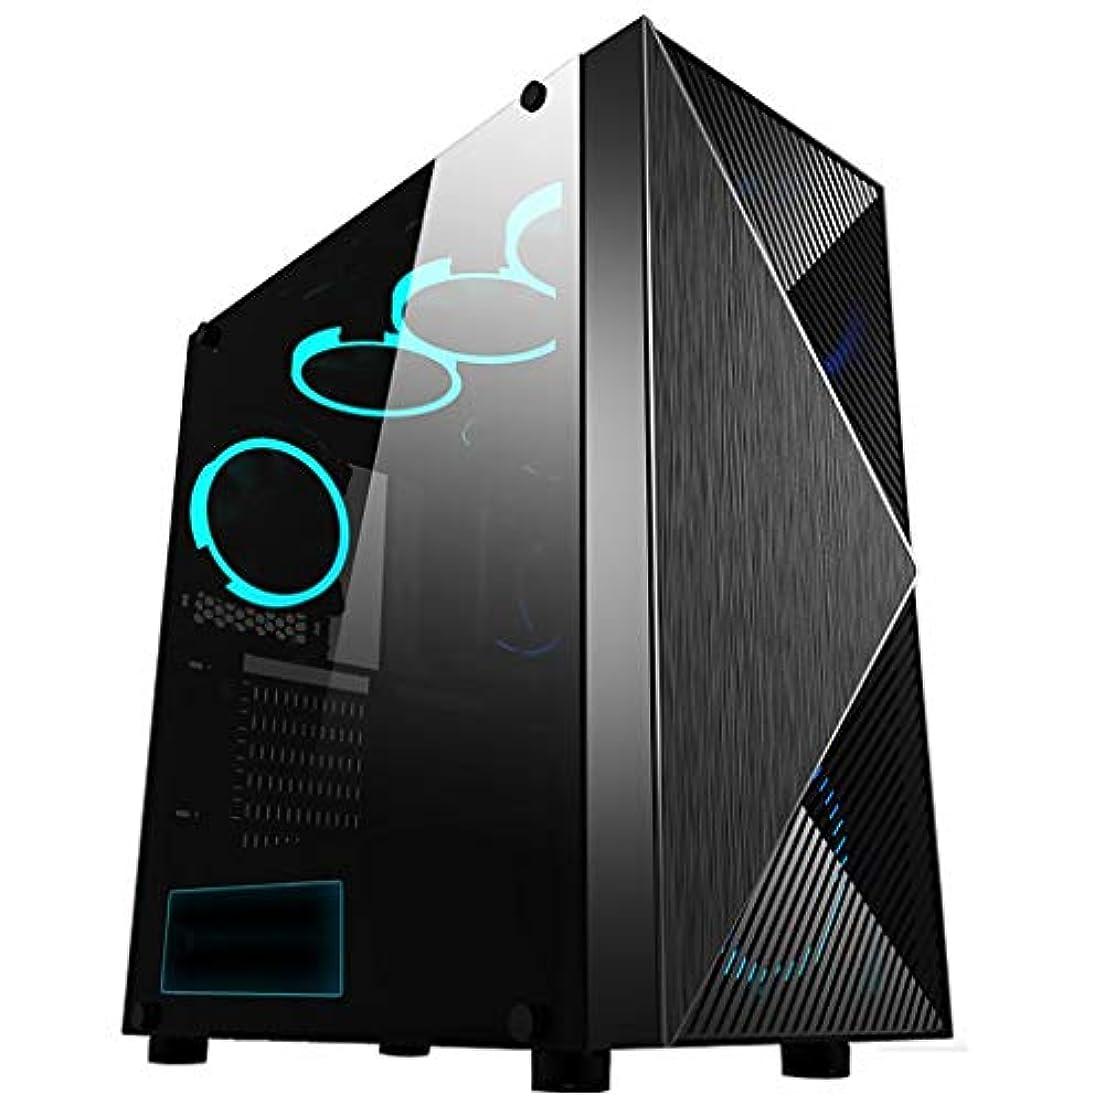 チューリップ学生タービンXZ15 コンピューターケース、ミディアムタワーITX/M-ATX/ATX/E-ATX、高速転送USB3.0、空冷と水冷をサポート、ウィンドウサイドパネル、ゲーマーに最適 (Color : Black)